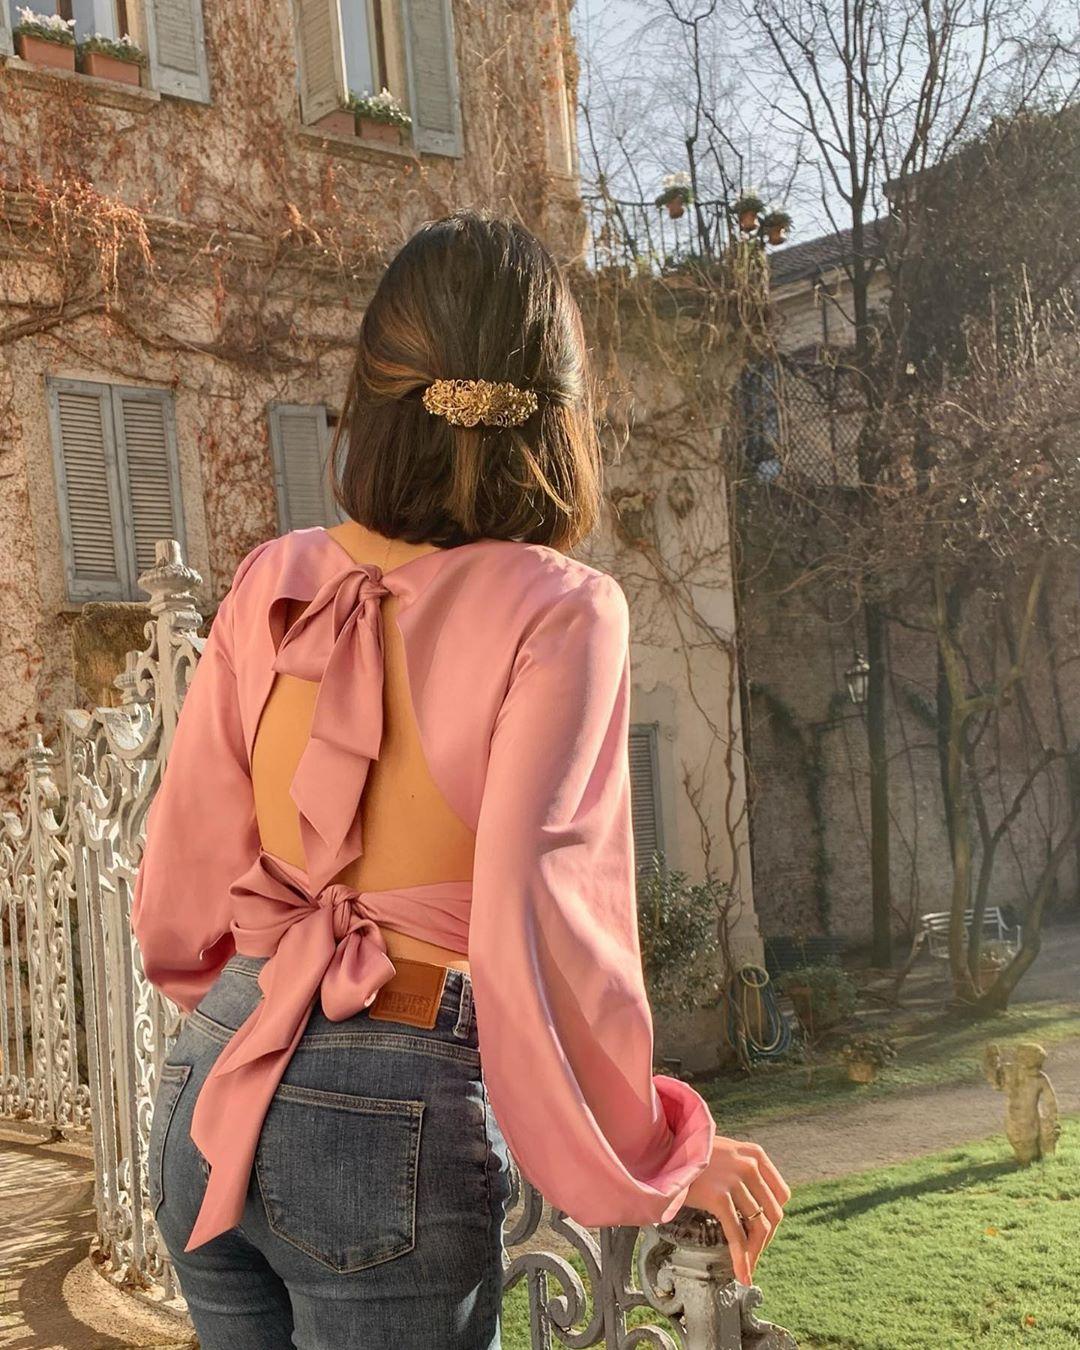 Áo lót nữ mùa Hè mặc cùng áo hở lưng